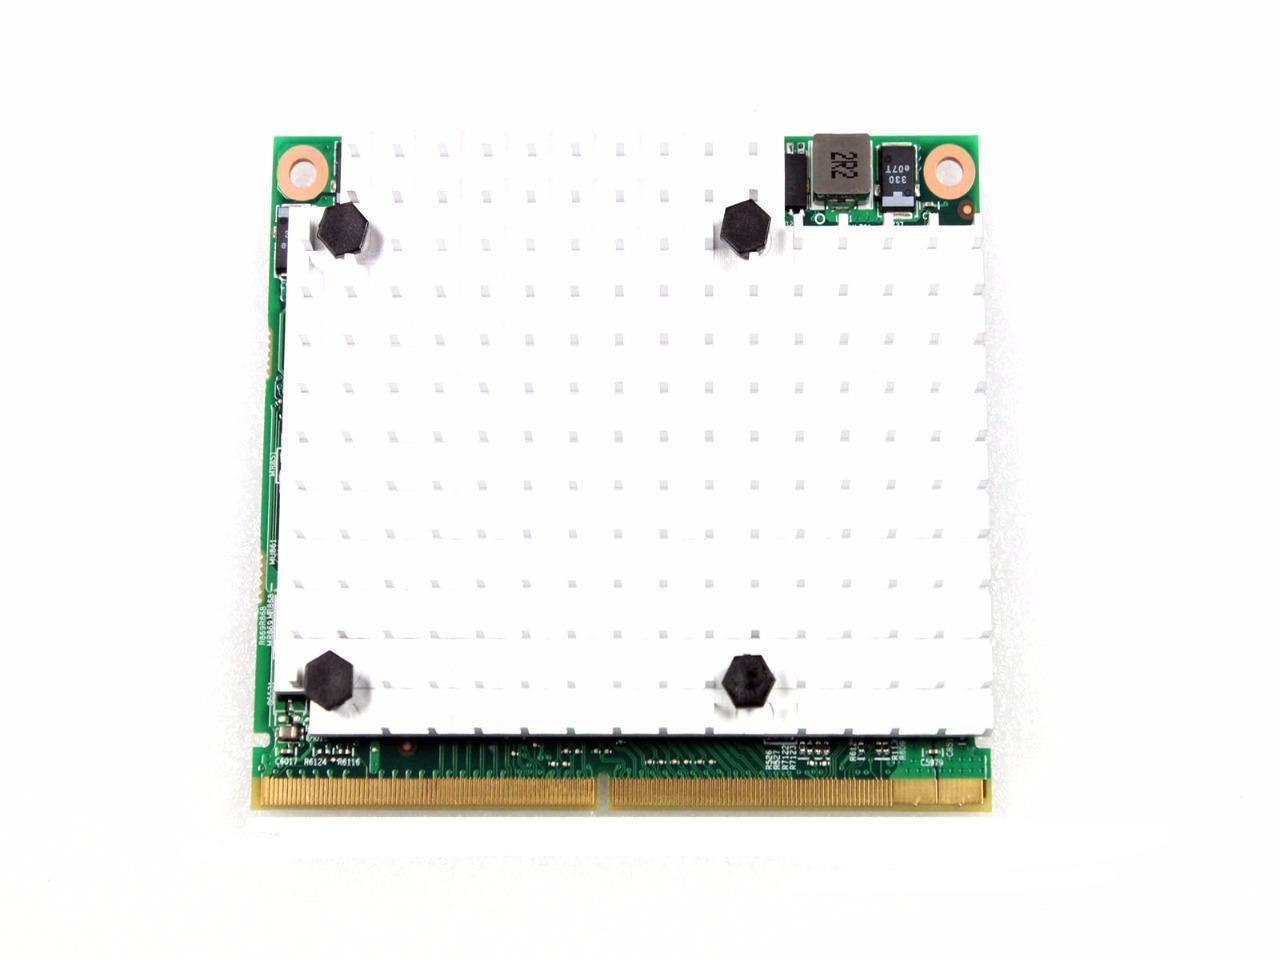 Dell Inspiron Zino HD 410 ATI Radeon HD 4200 1GB DDR3 Video Graphics Card VFF0P